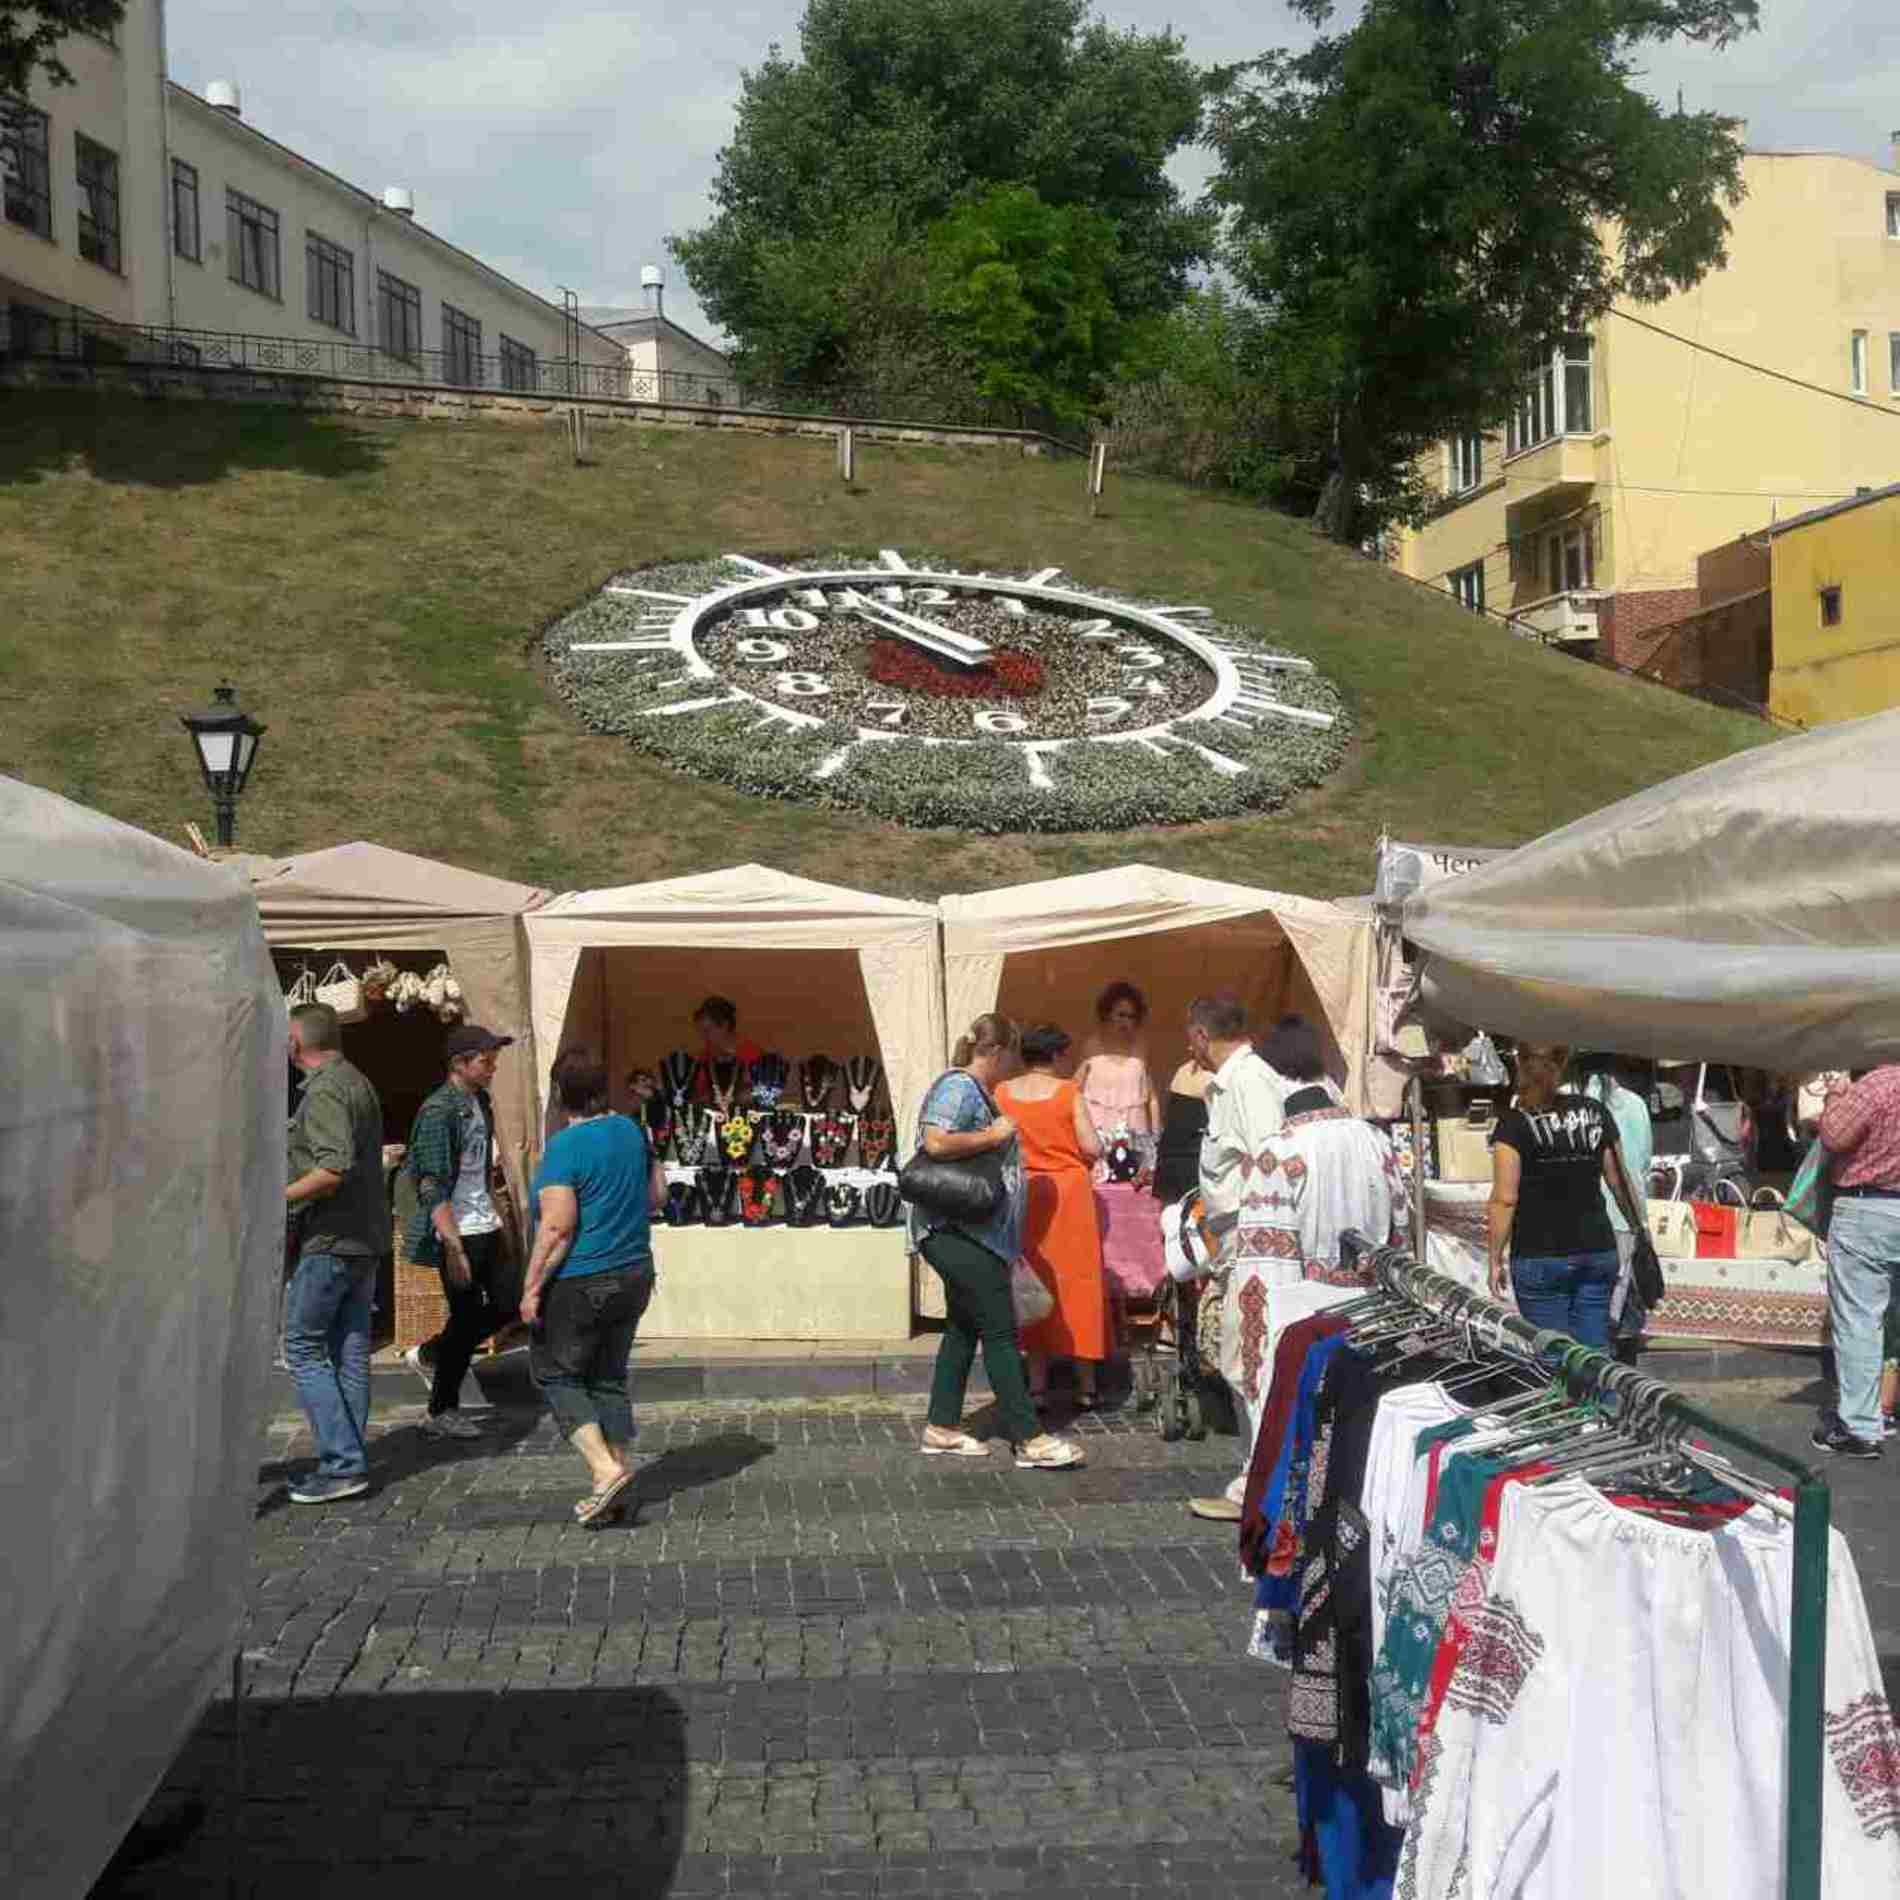 Петрівський ярмарок-2017: На площі Пресвятої Марії вже почали ярмаркувати